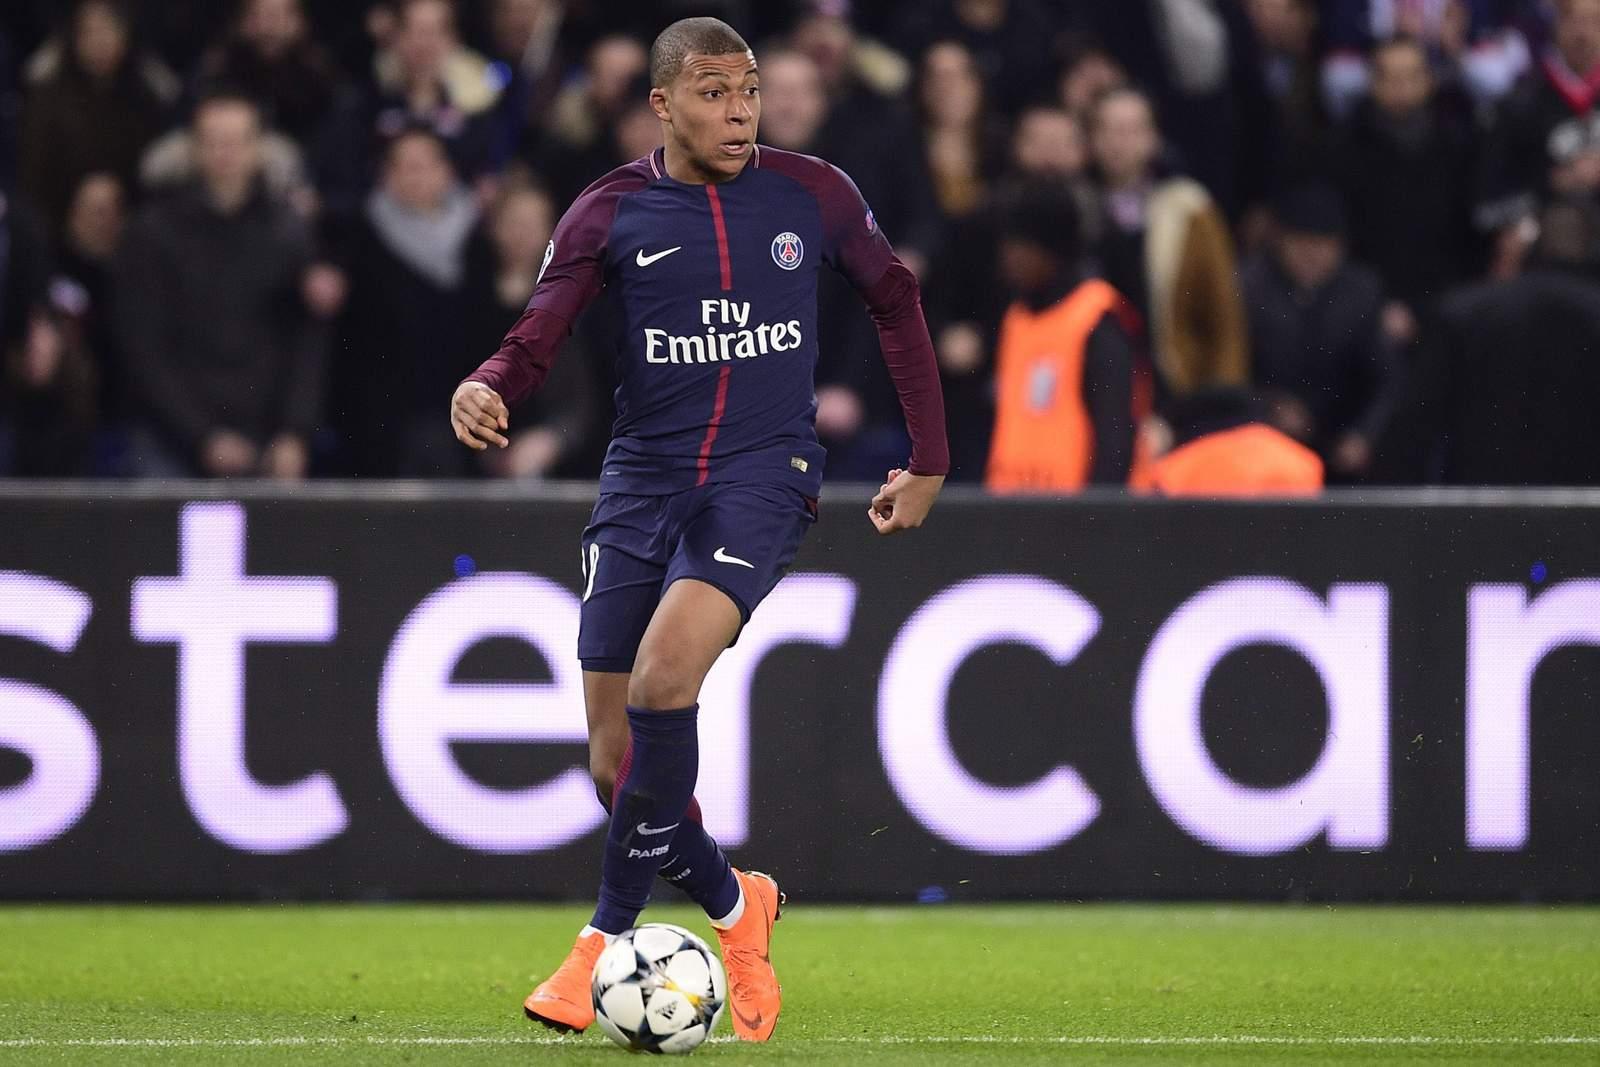 Führt Mbappe Paris zum Sieg? Jetzt auf PSG gegen Roter Stern wetten